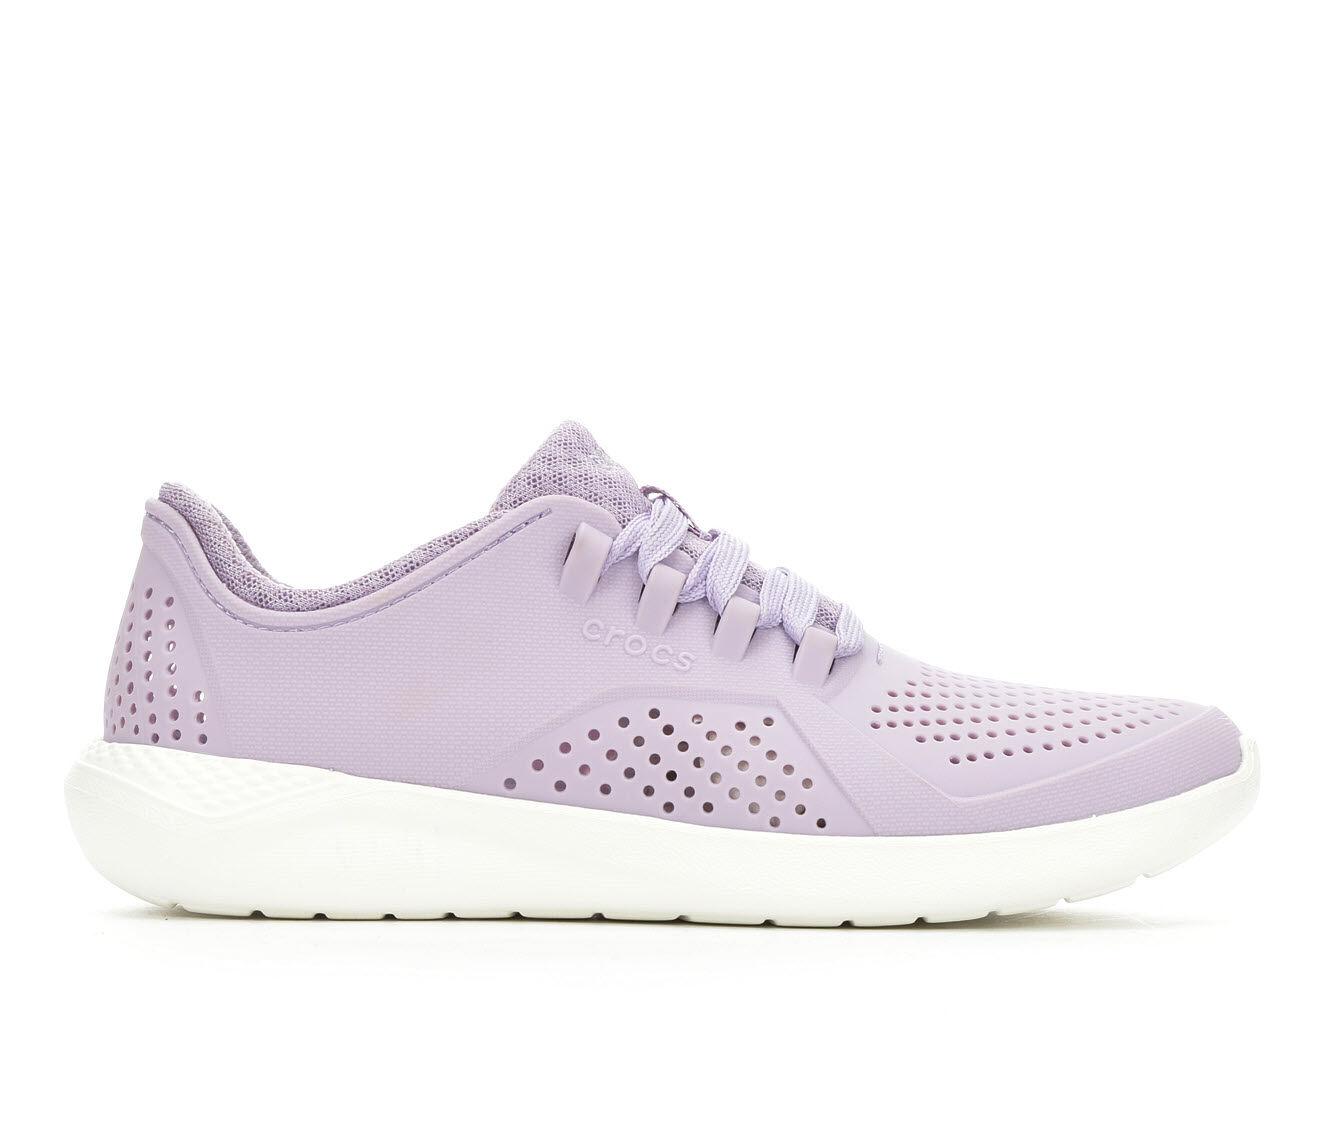 Women's Crocs LiteRide Pacer Lavendar/Wh